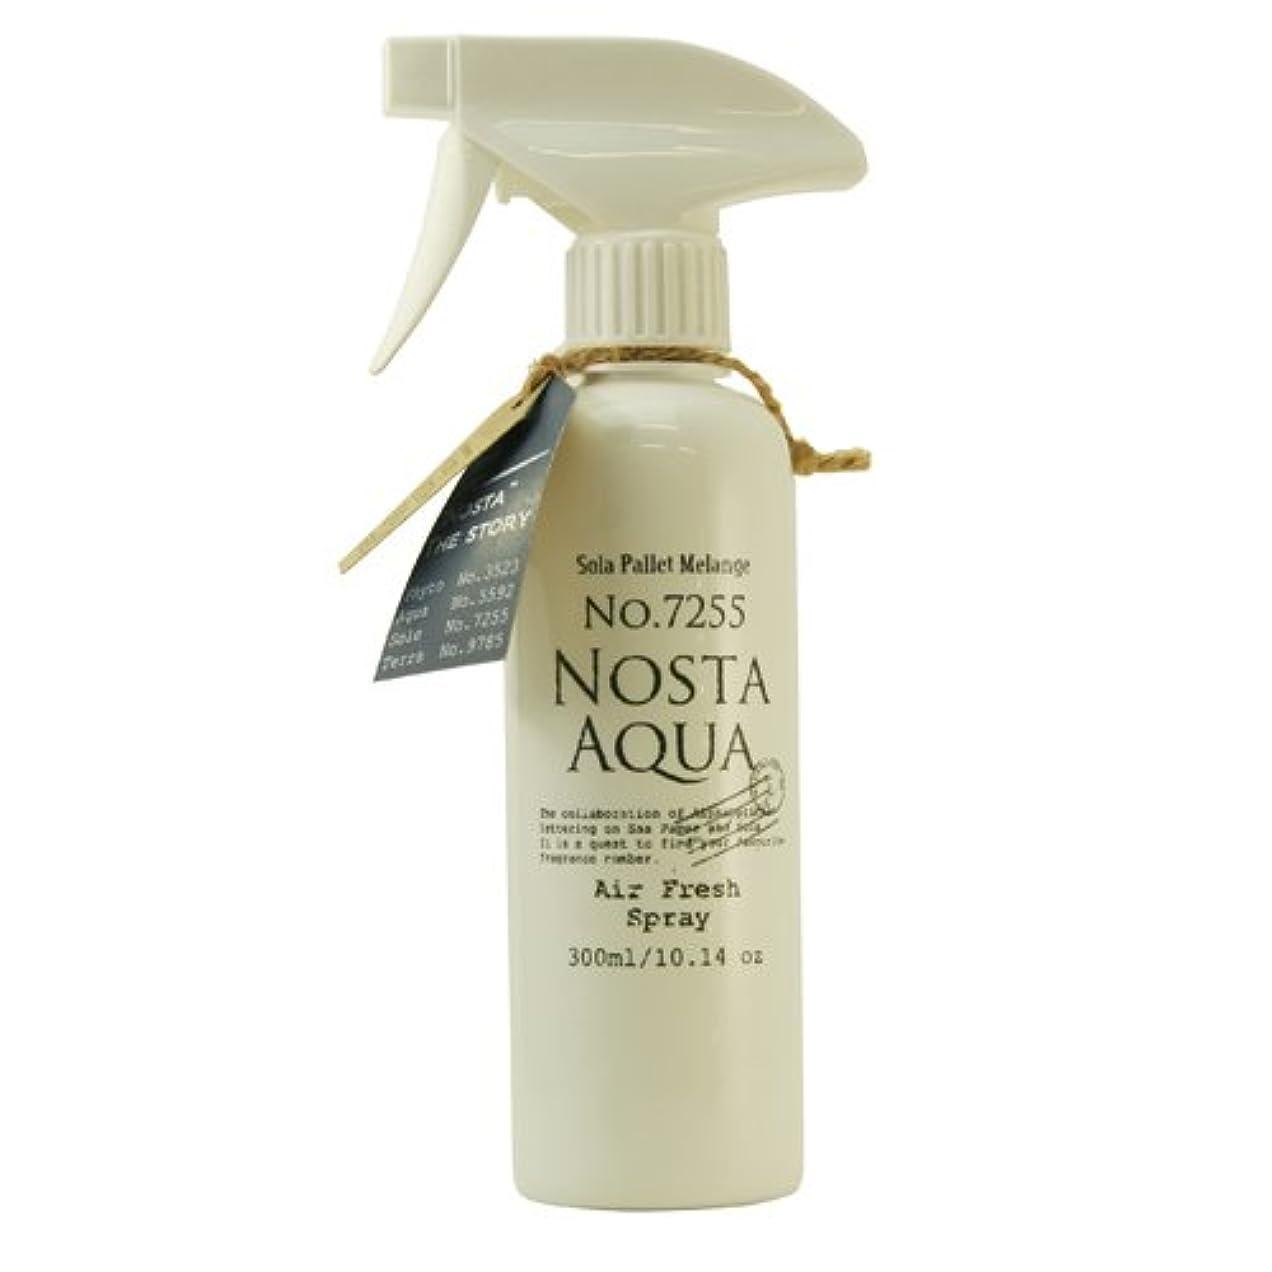 ぎこちない抽選ゴムNosta ノスタ Air Fresh Spray エアーフレッシュスプレー(ルームスプレー)Aqua アクア / 生命の起源